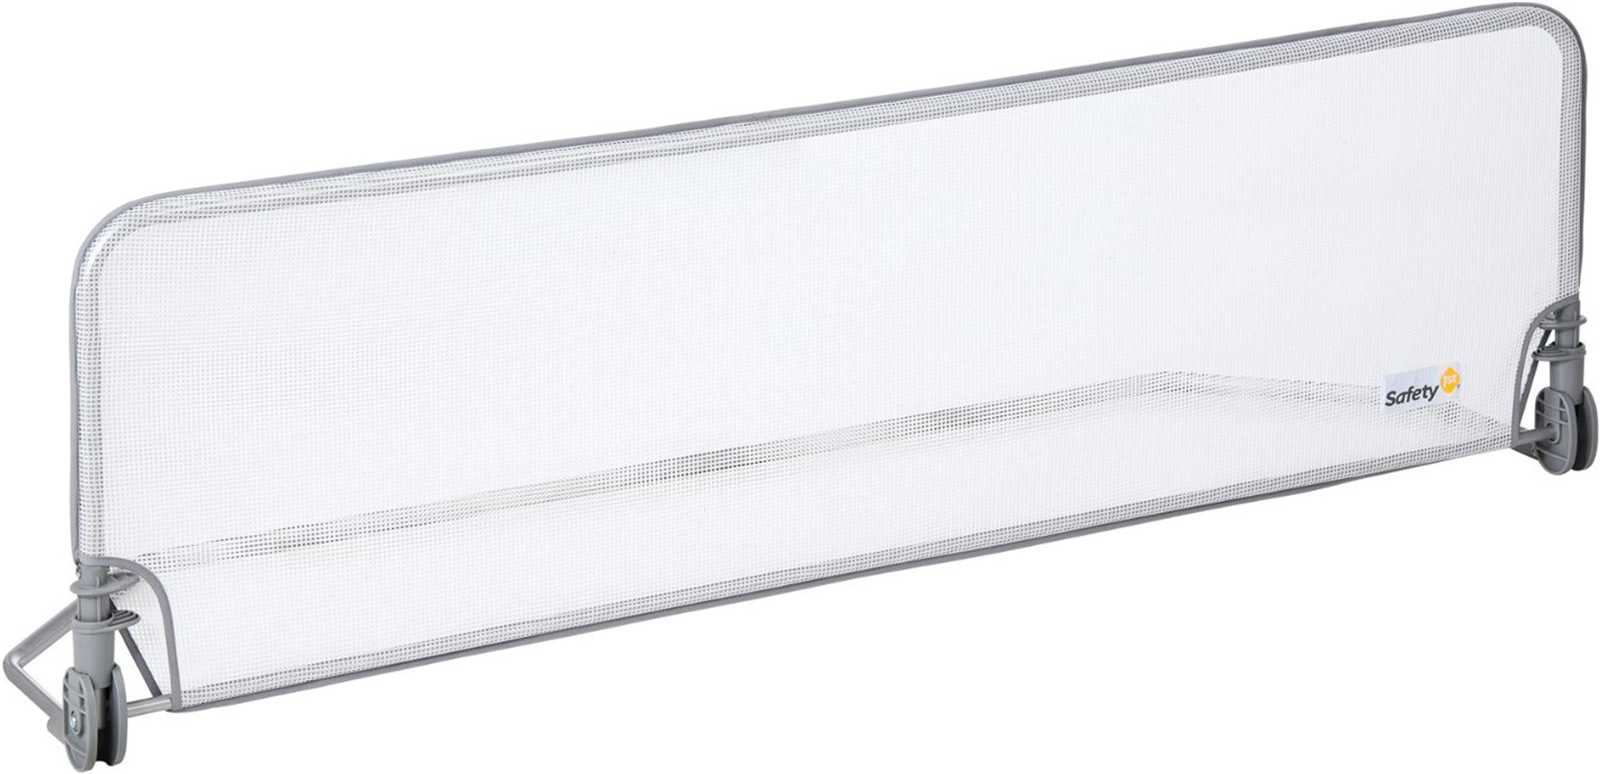 Барьер Safety 1st Extra large Bed rail 150 см белый барьер safety 1st барьер safety 1st 24530010 24530010 серый